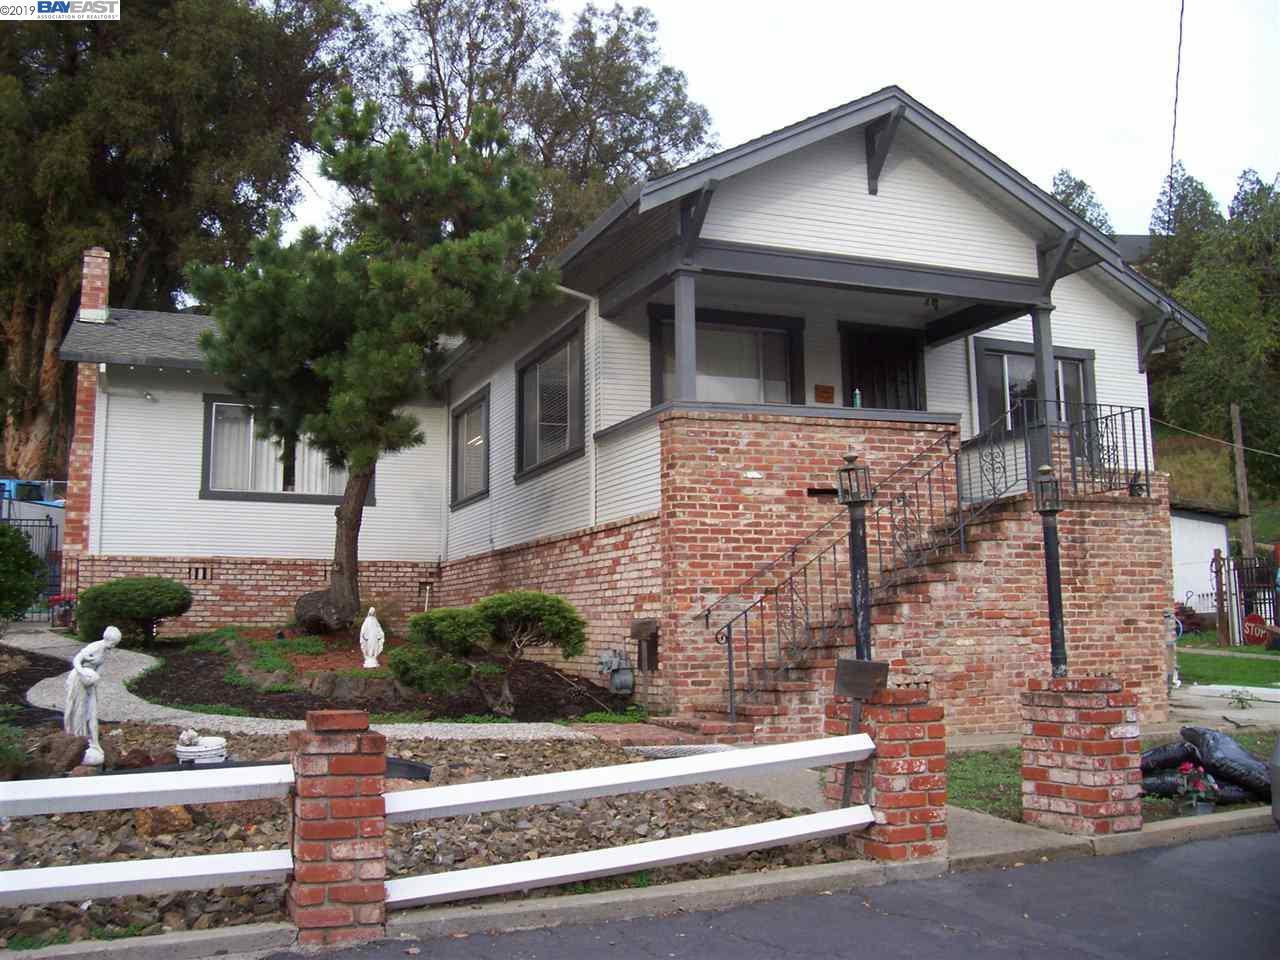 698 Overhill Dr Hayward, CA 94544